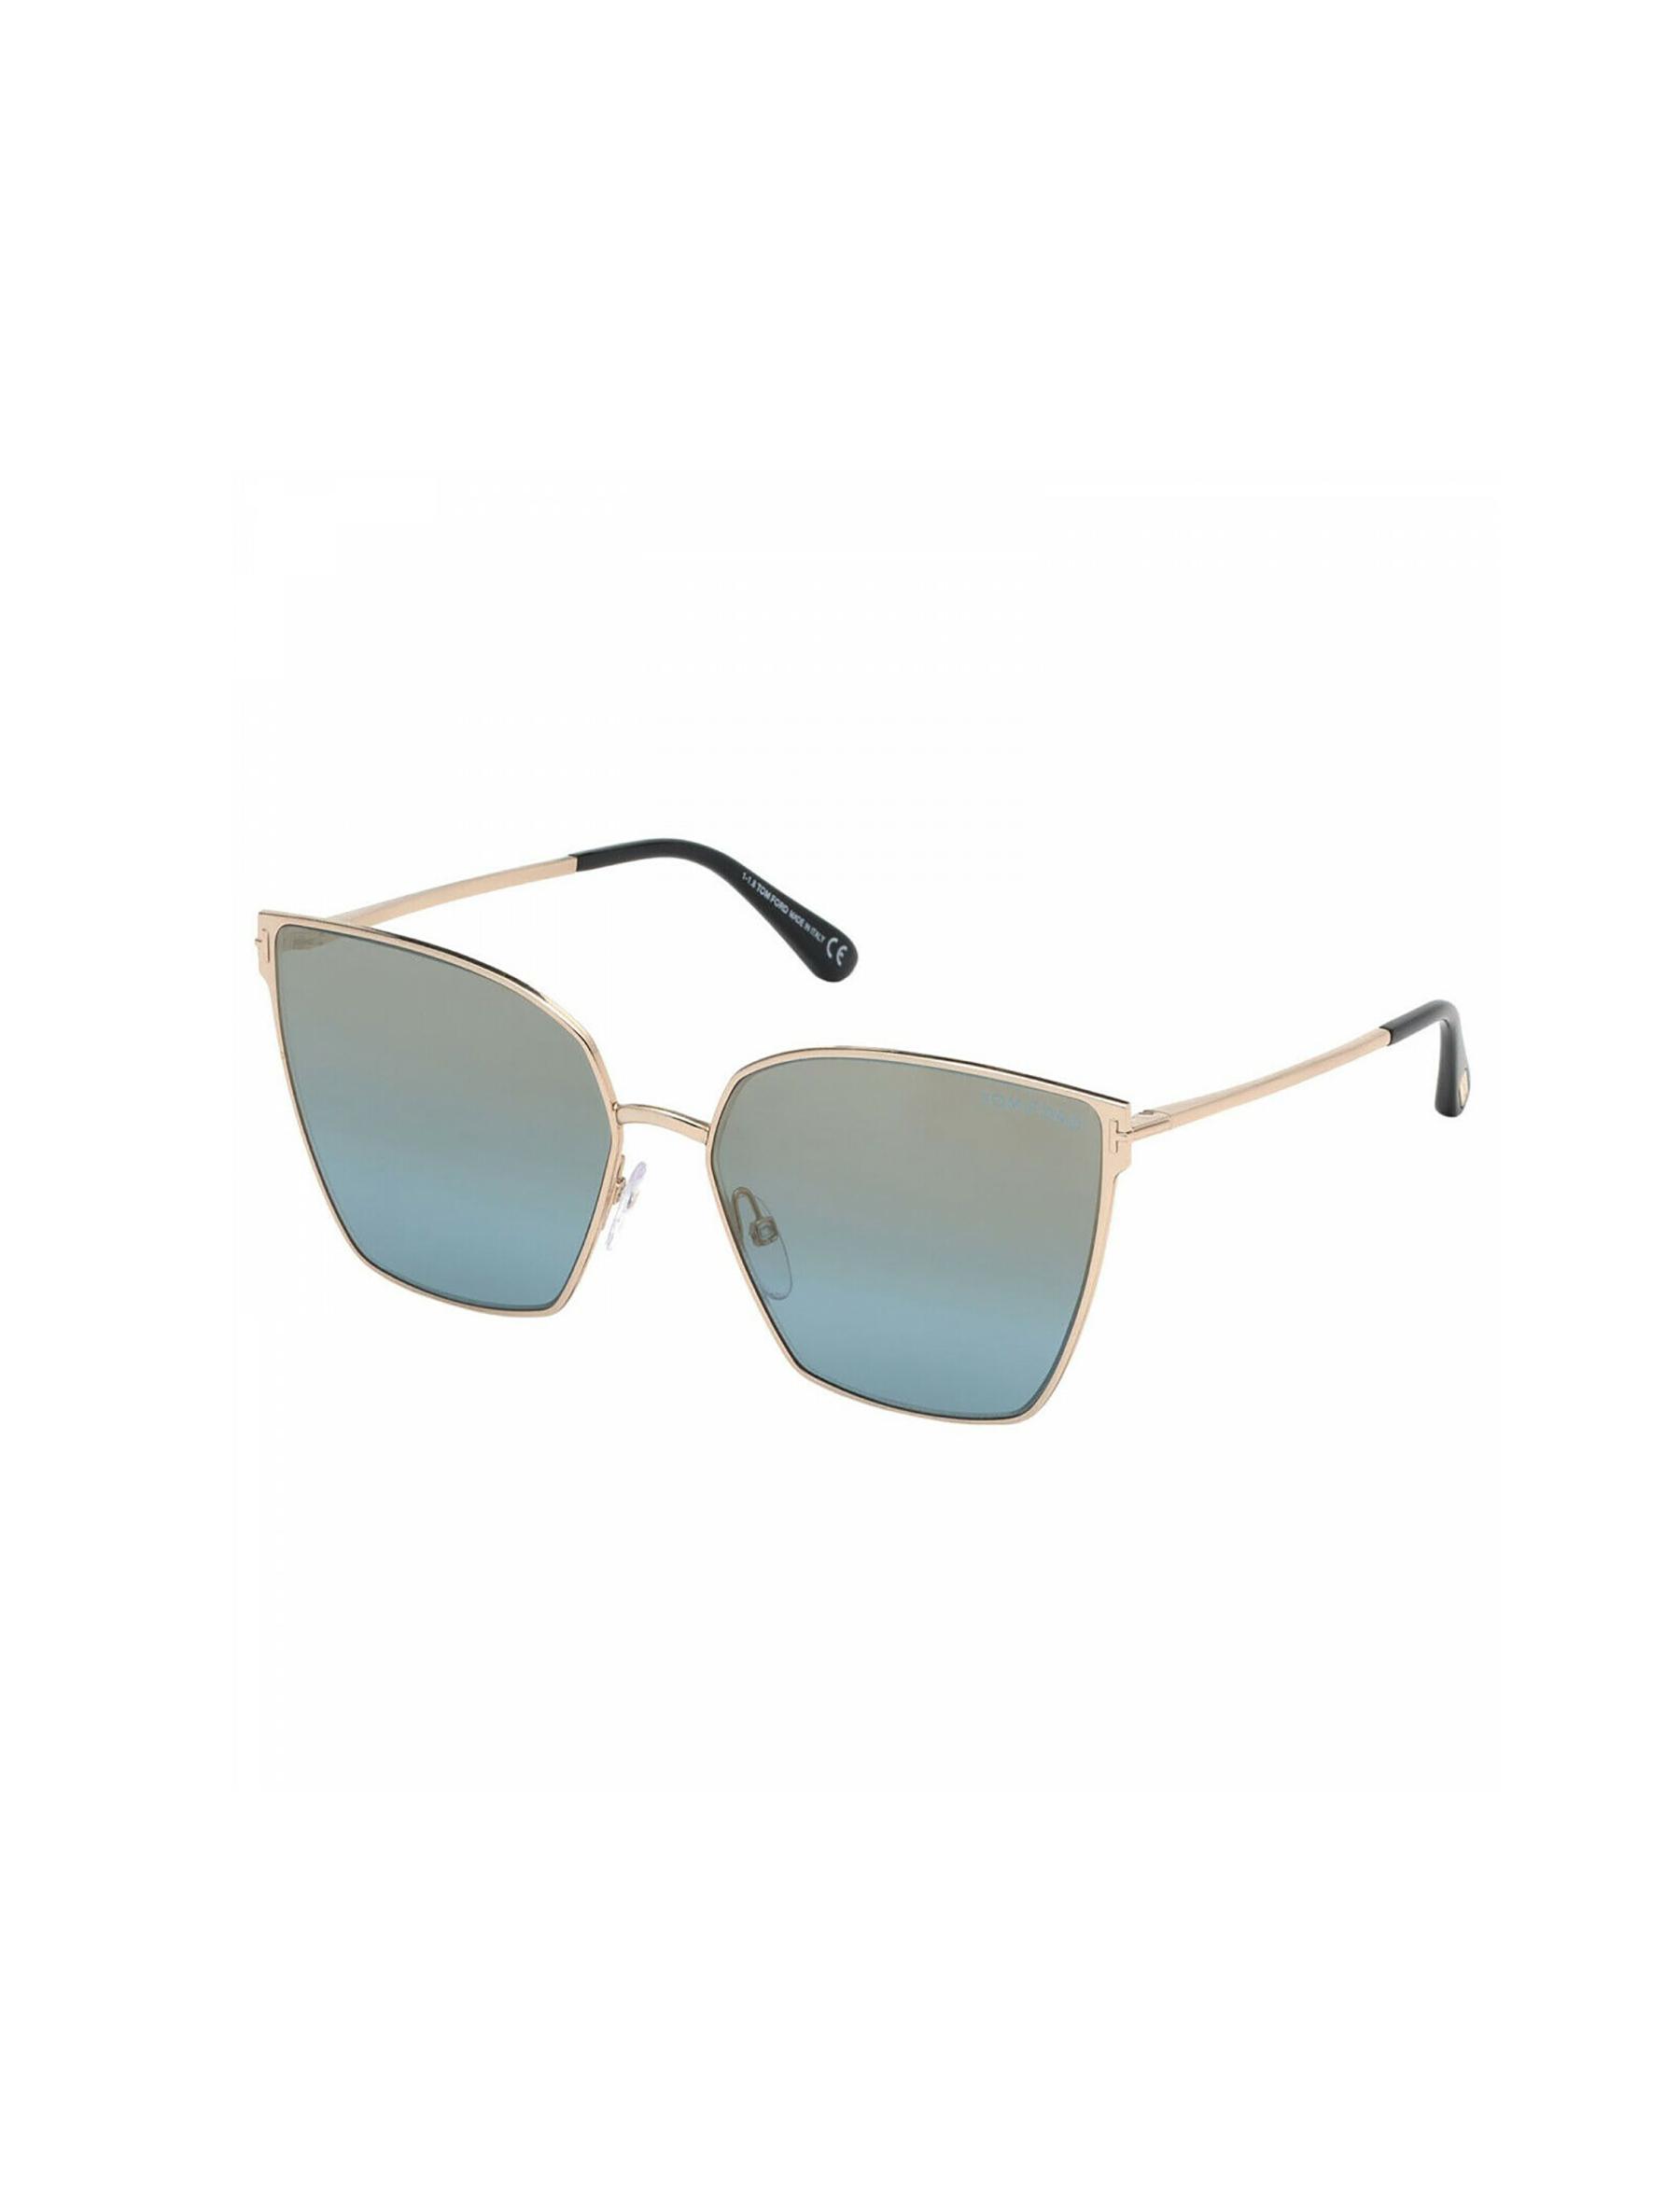 Tom Ford Cat Eye Women's Sunglasses